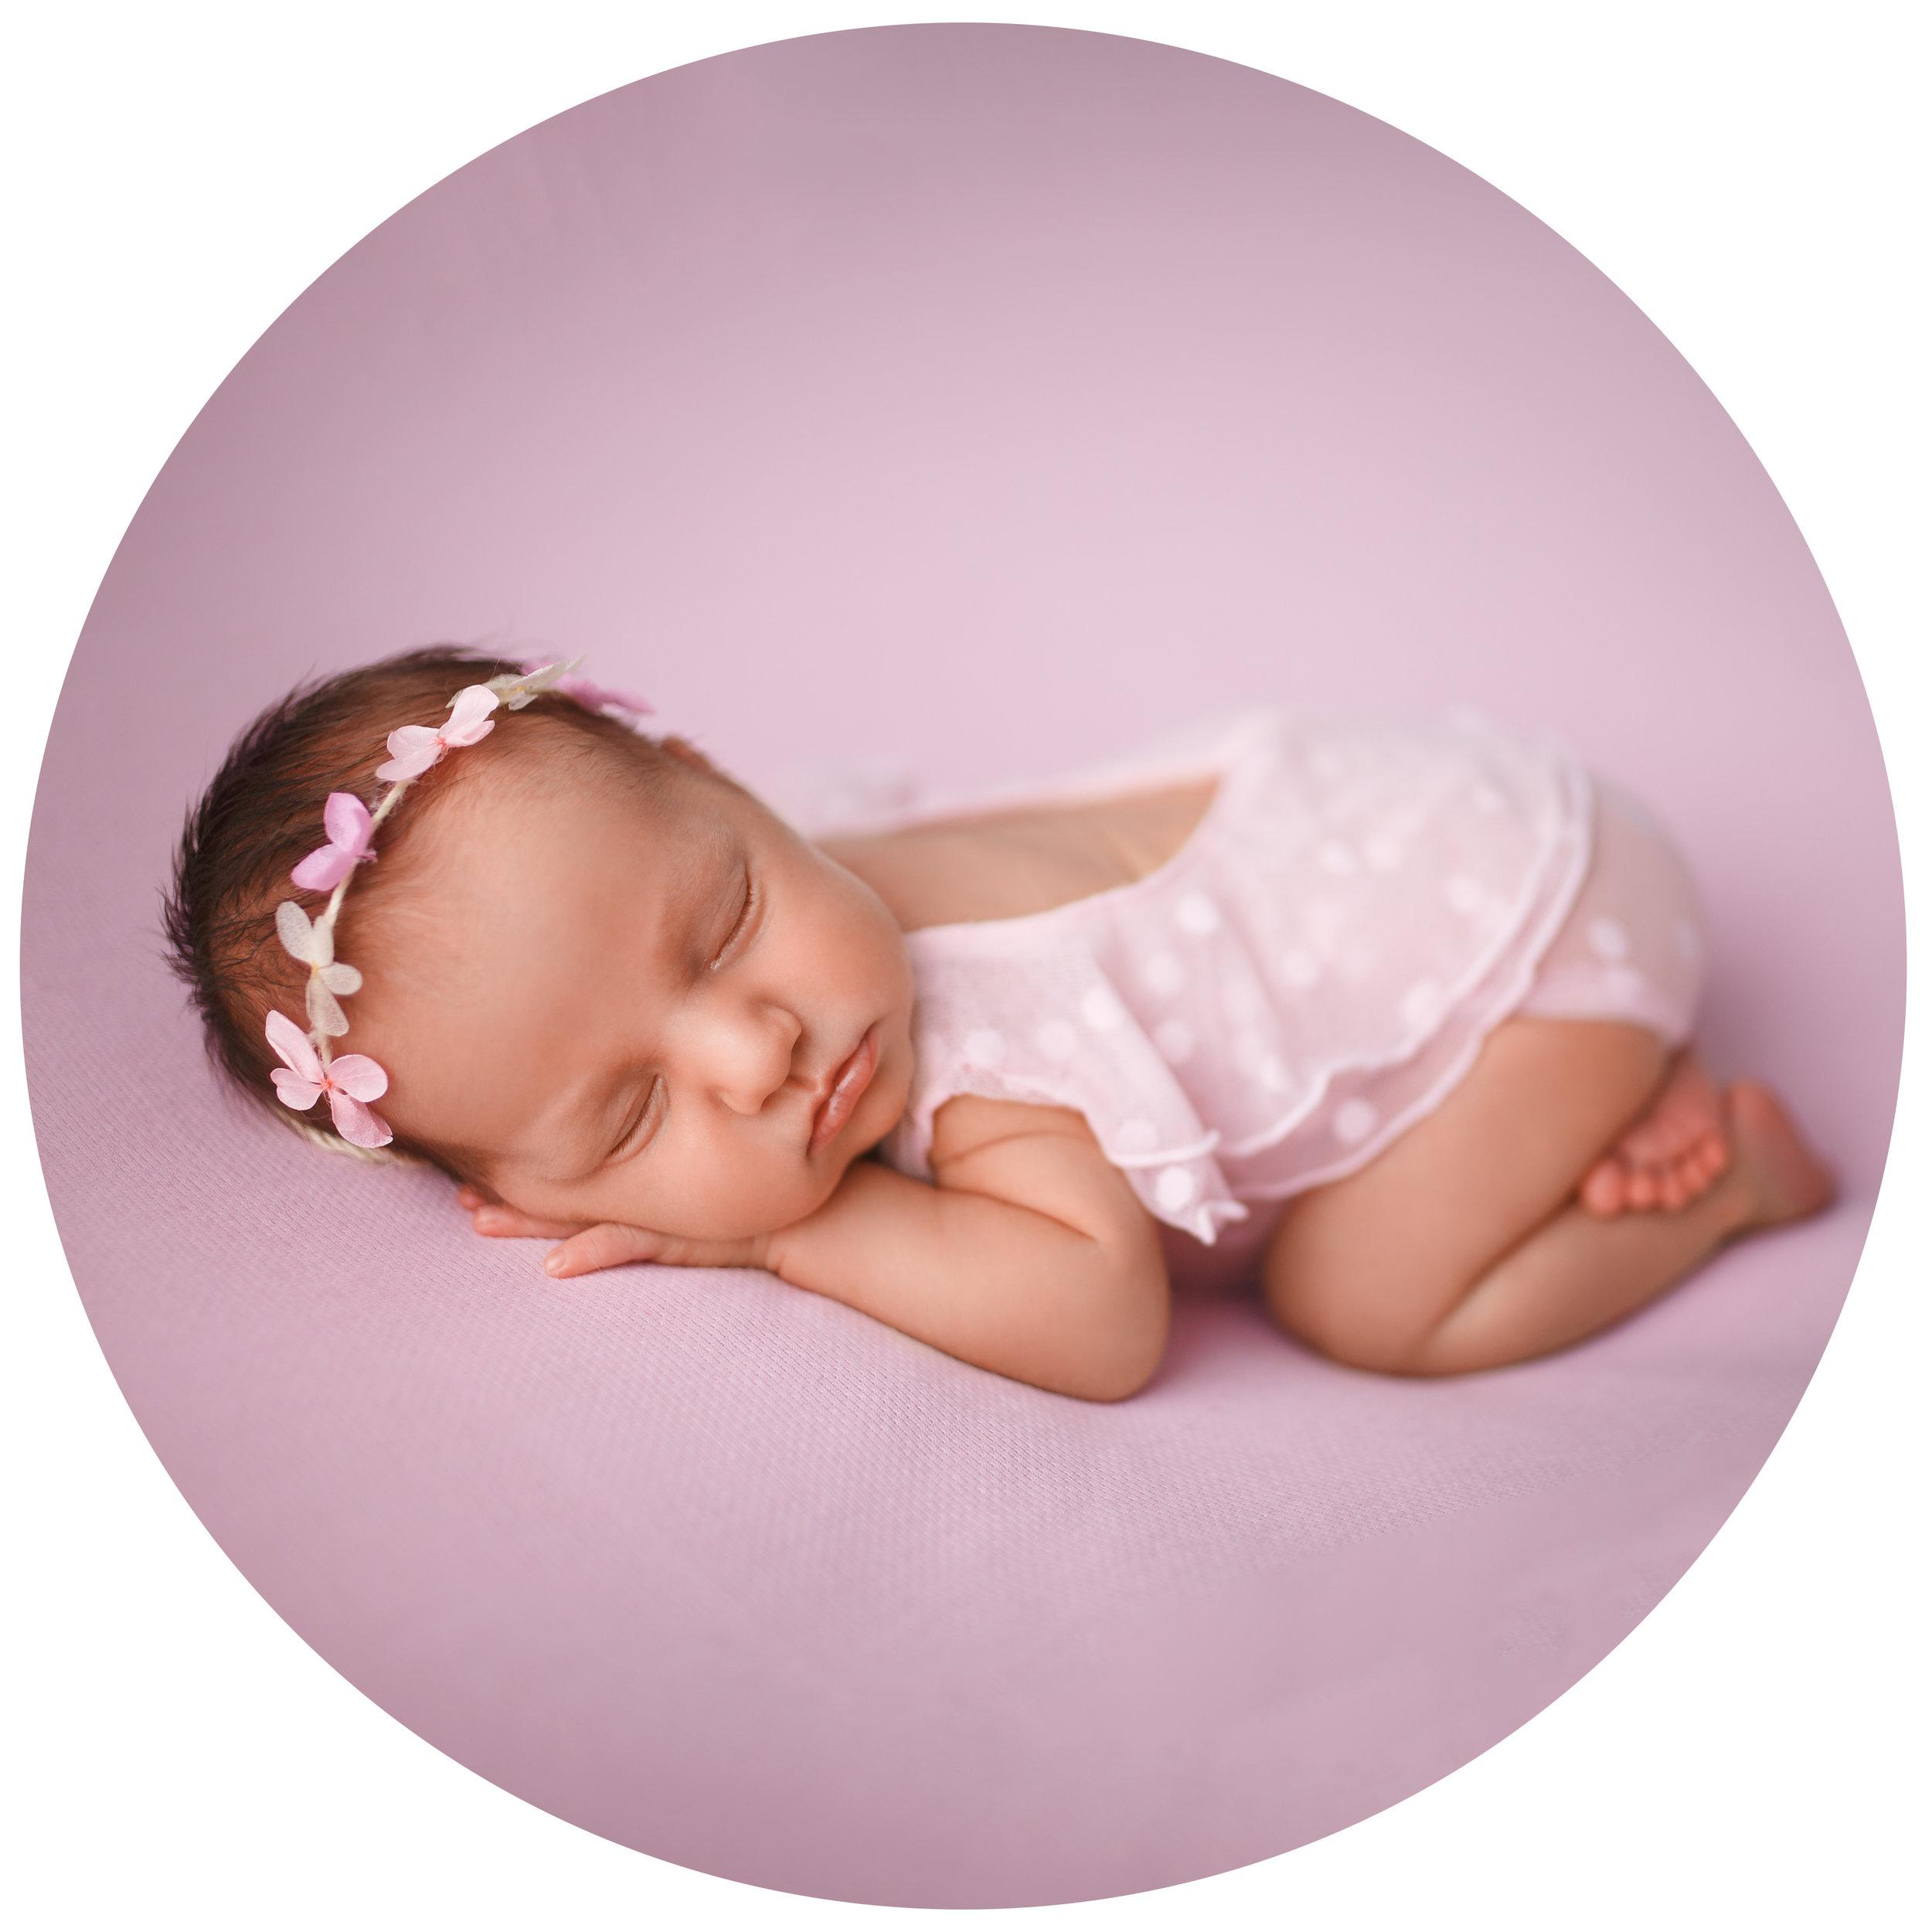 EXTRA |320€* - Durata de 2-4 ore;Fotografii cu bebeluș și familia;50 de fotografii;Galeria clientului, protejată cu parolă;Album foto Premium 20x20cm cu 36 pagini.